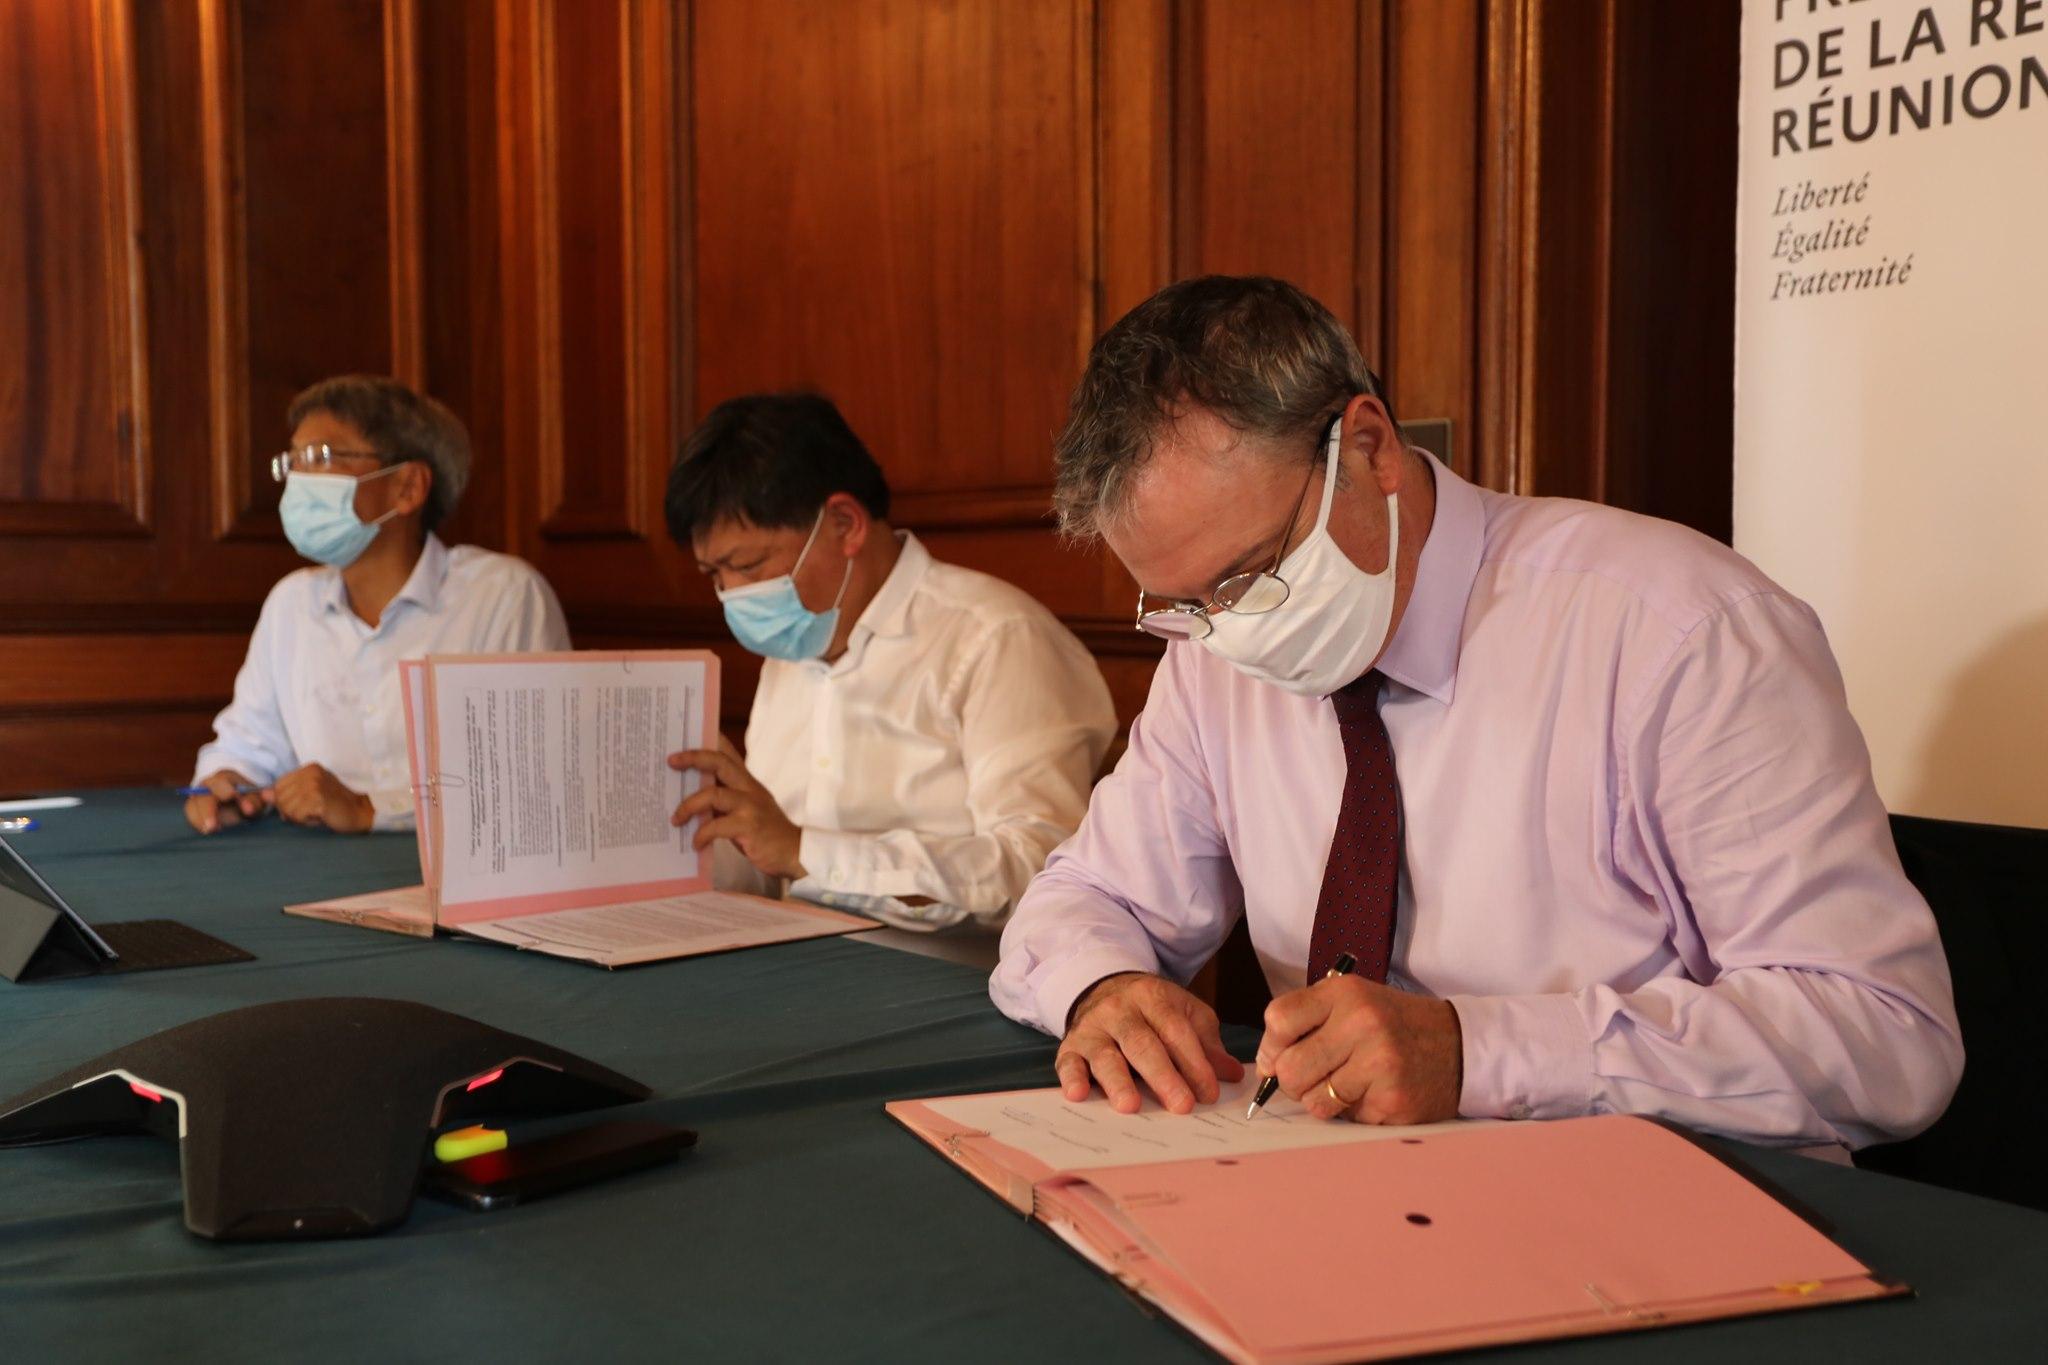 La Réunion : La charte « Production Réunie » pour valoriser la production locale et favoriser le dialogue avec la grande distribution